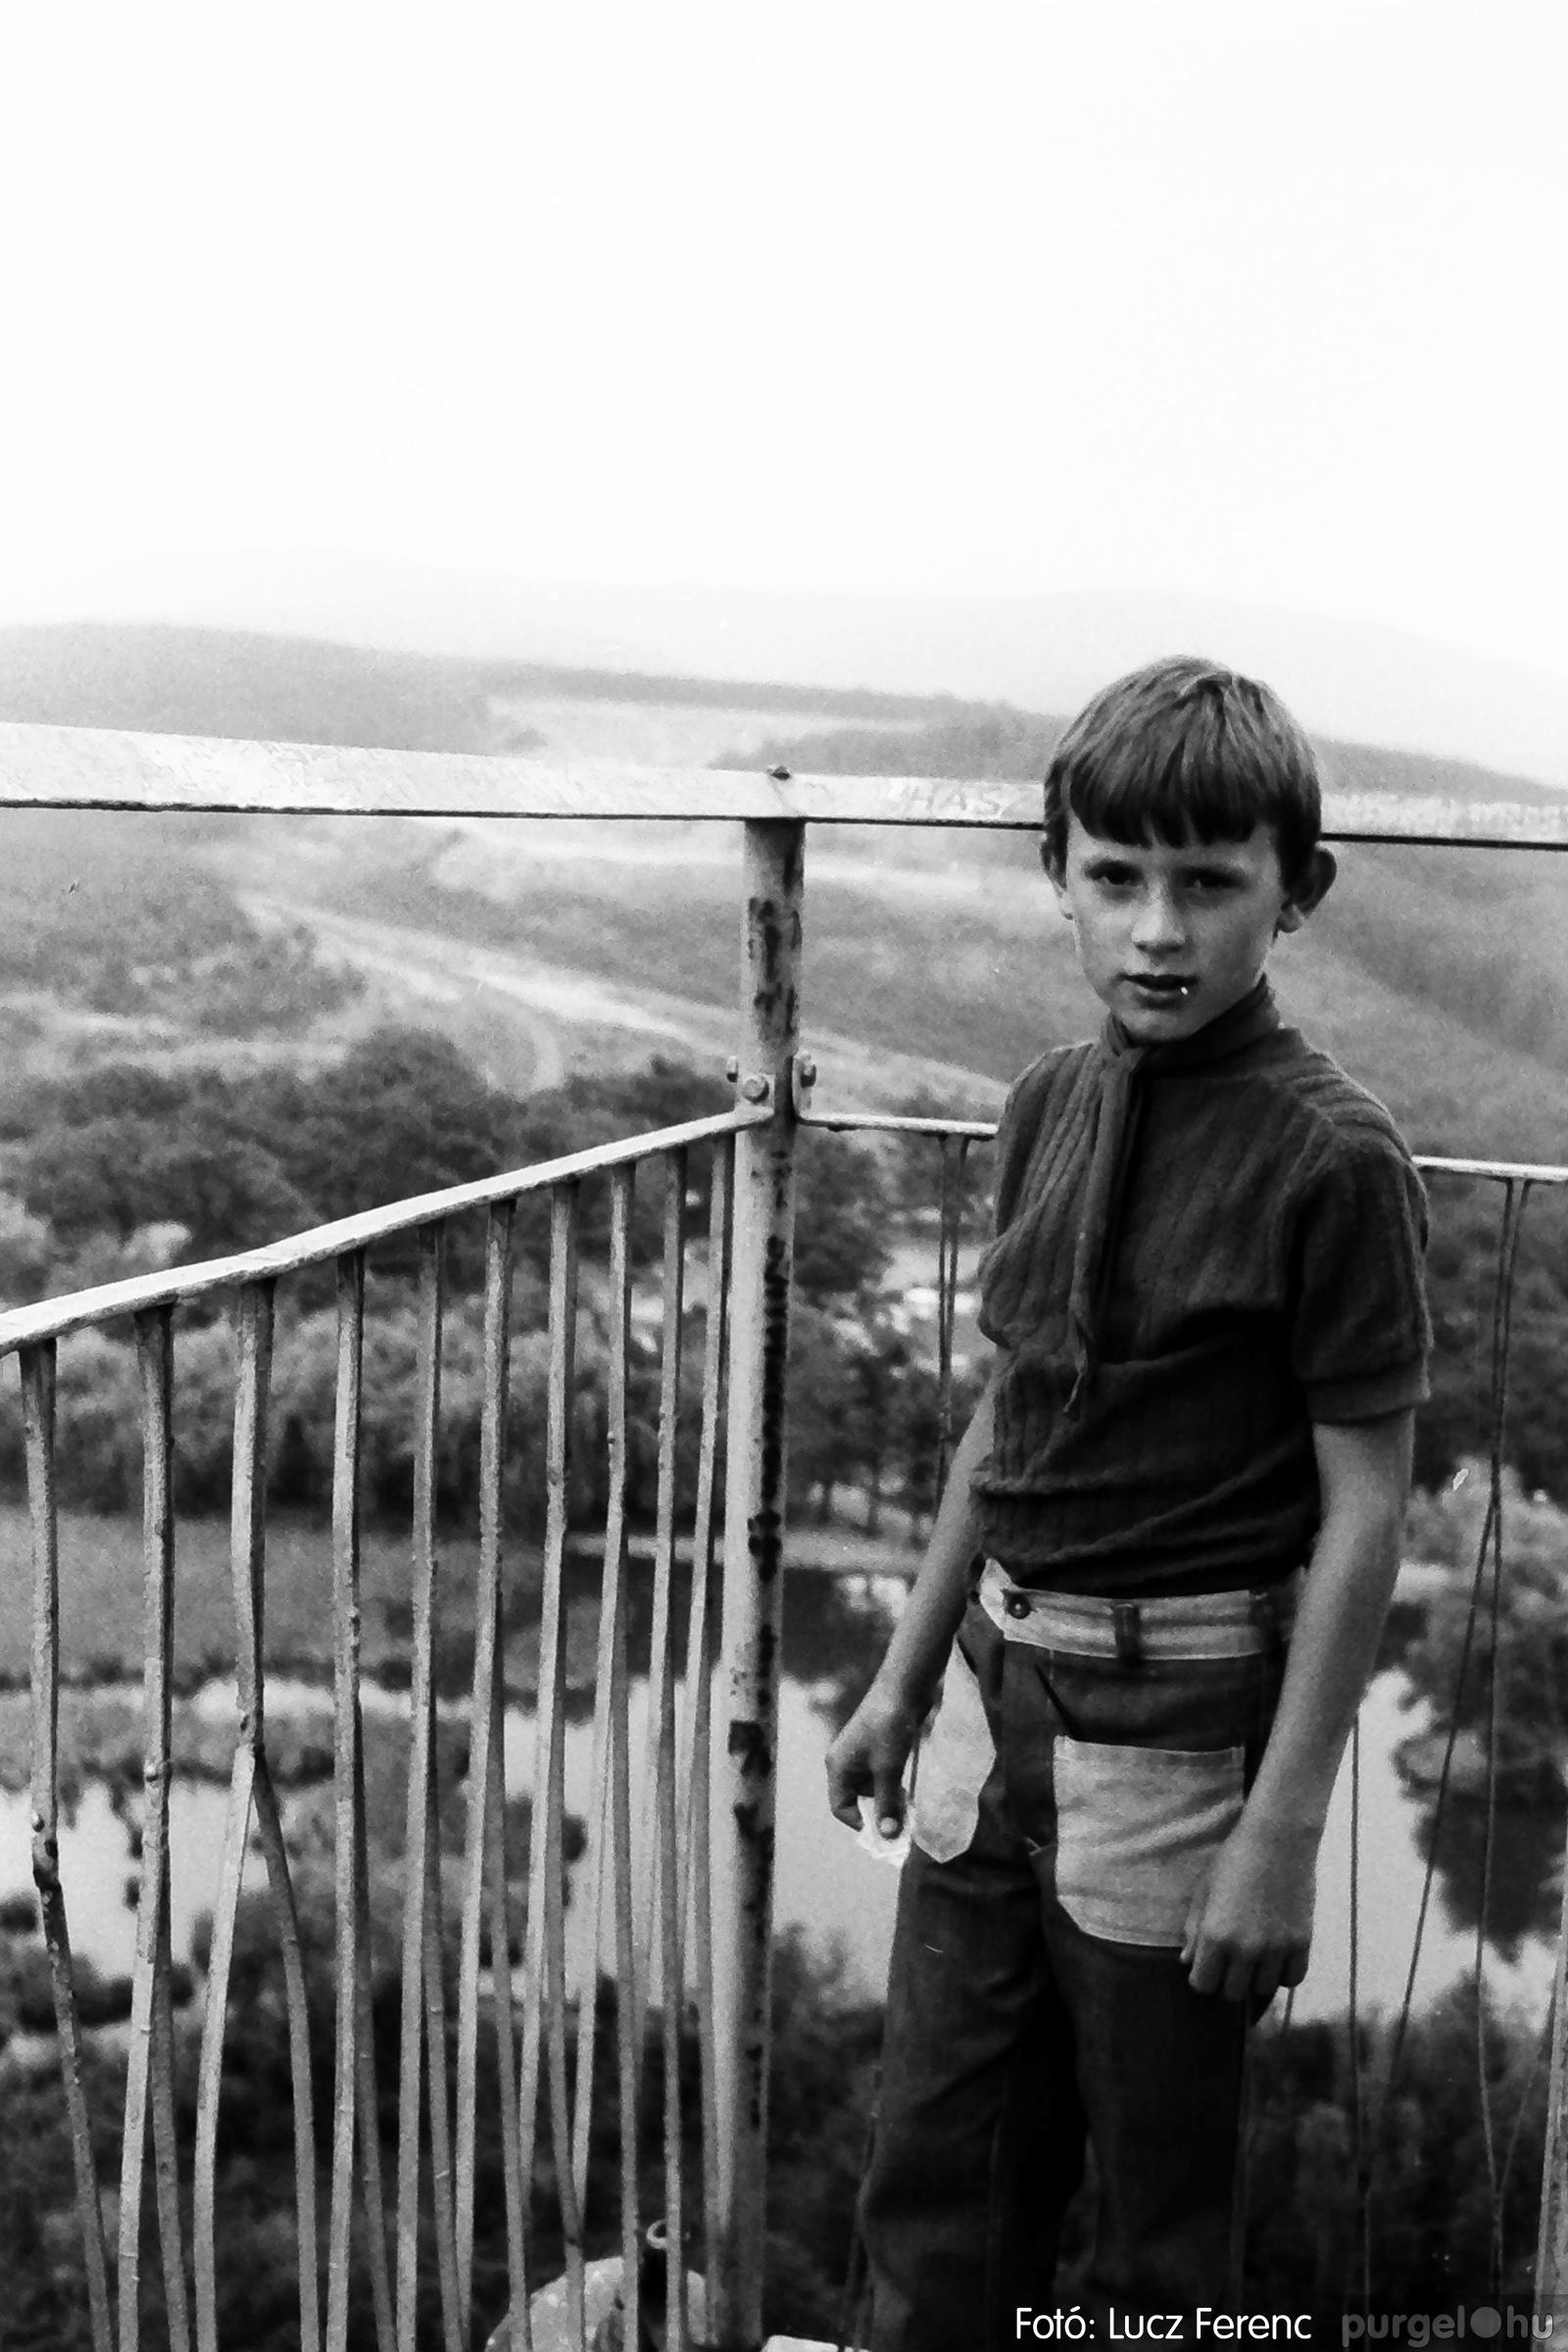 086, 088. 1977. Nyári tábor a Mátrában 014. - Fotó: Lucz Ferenc.jpg